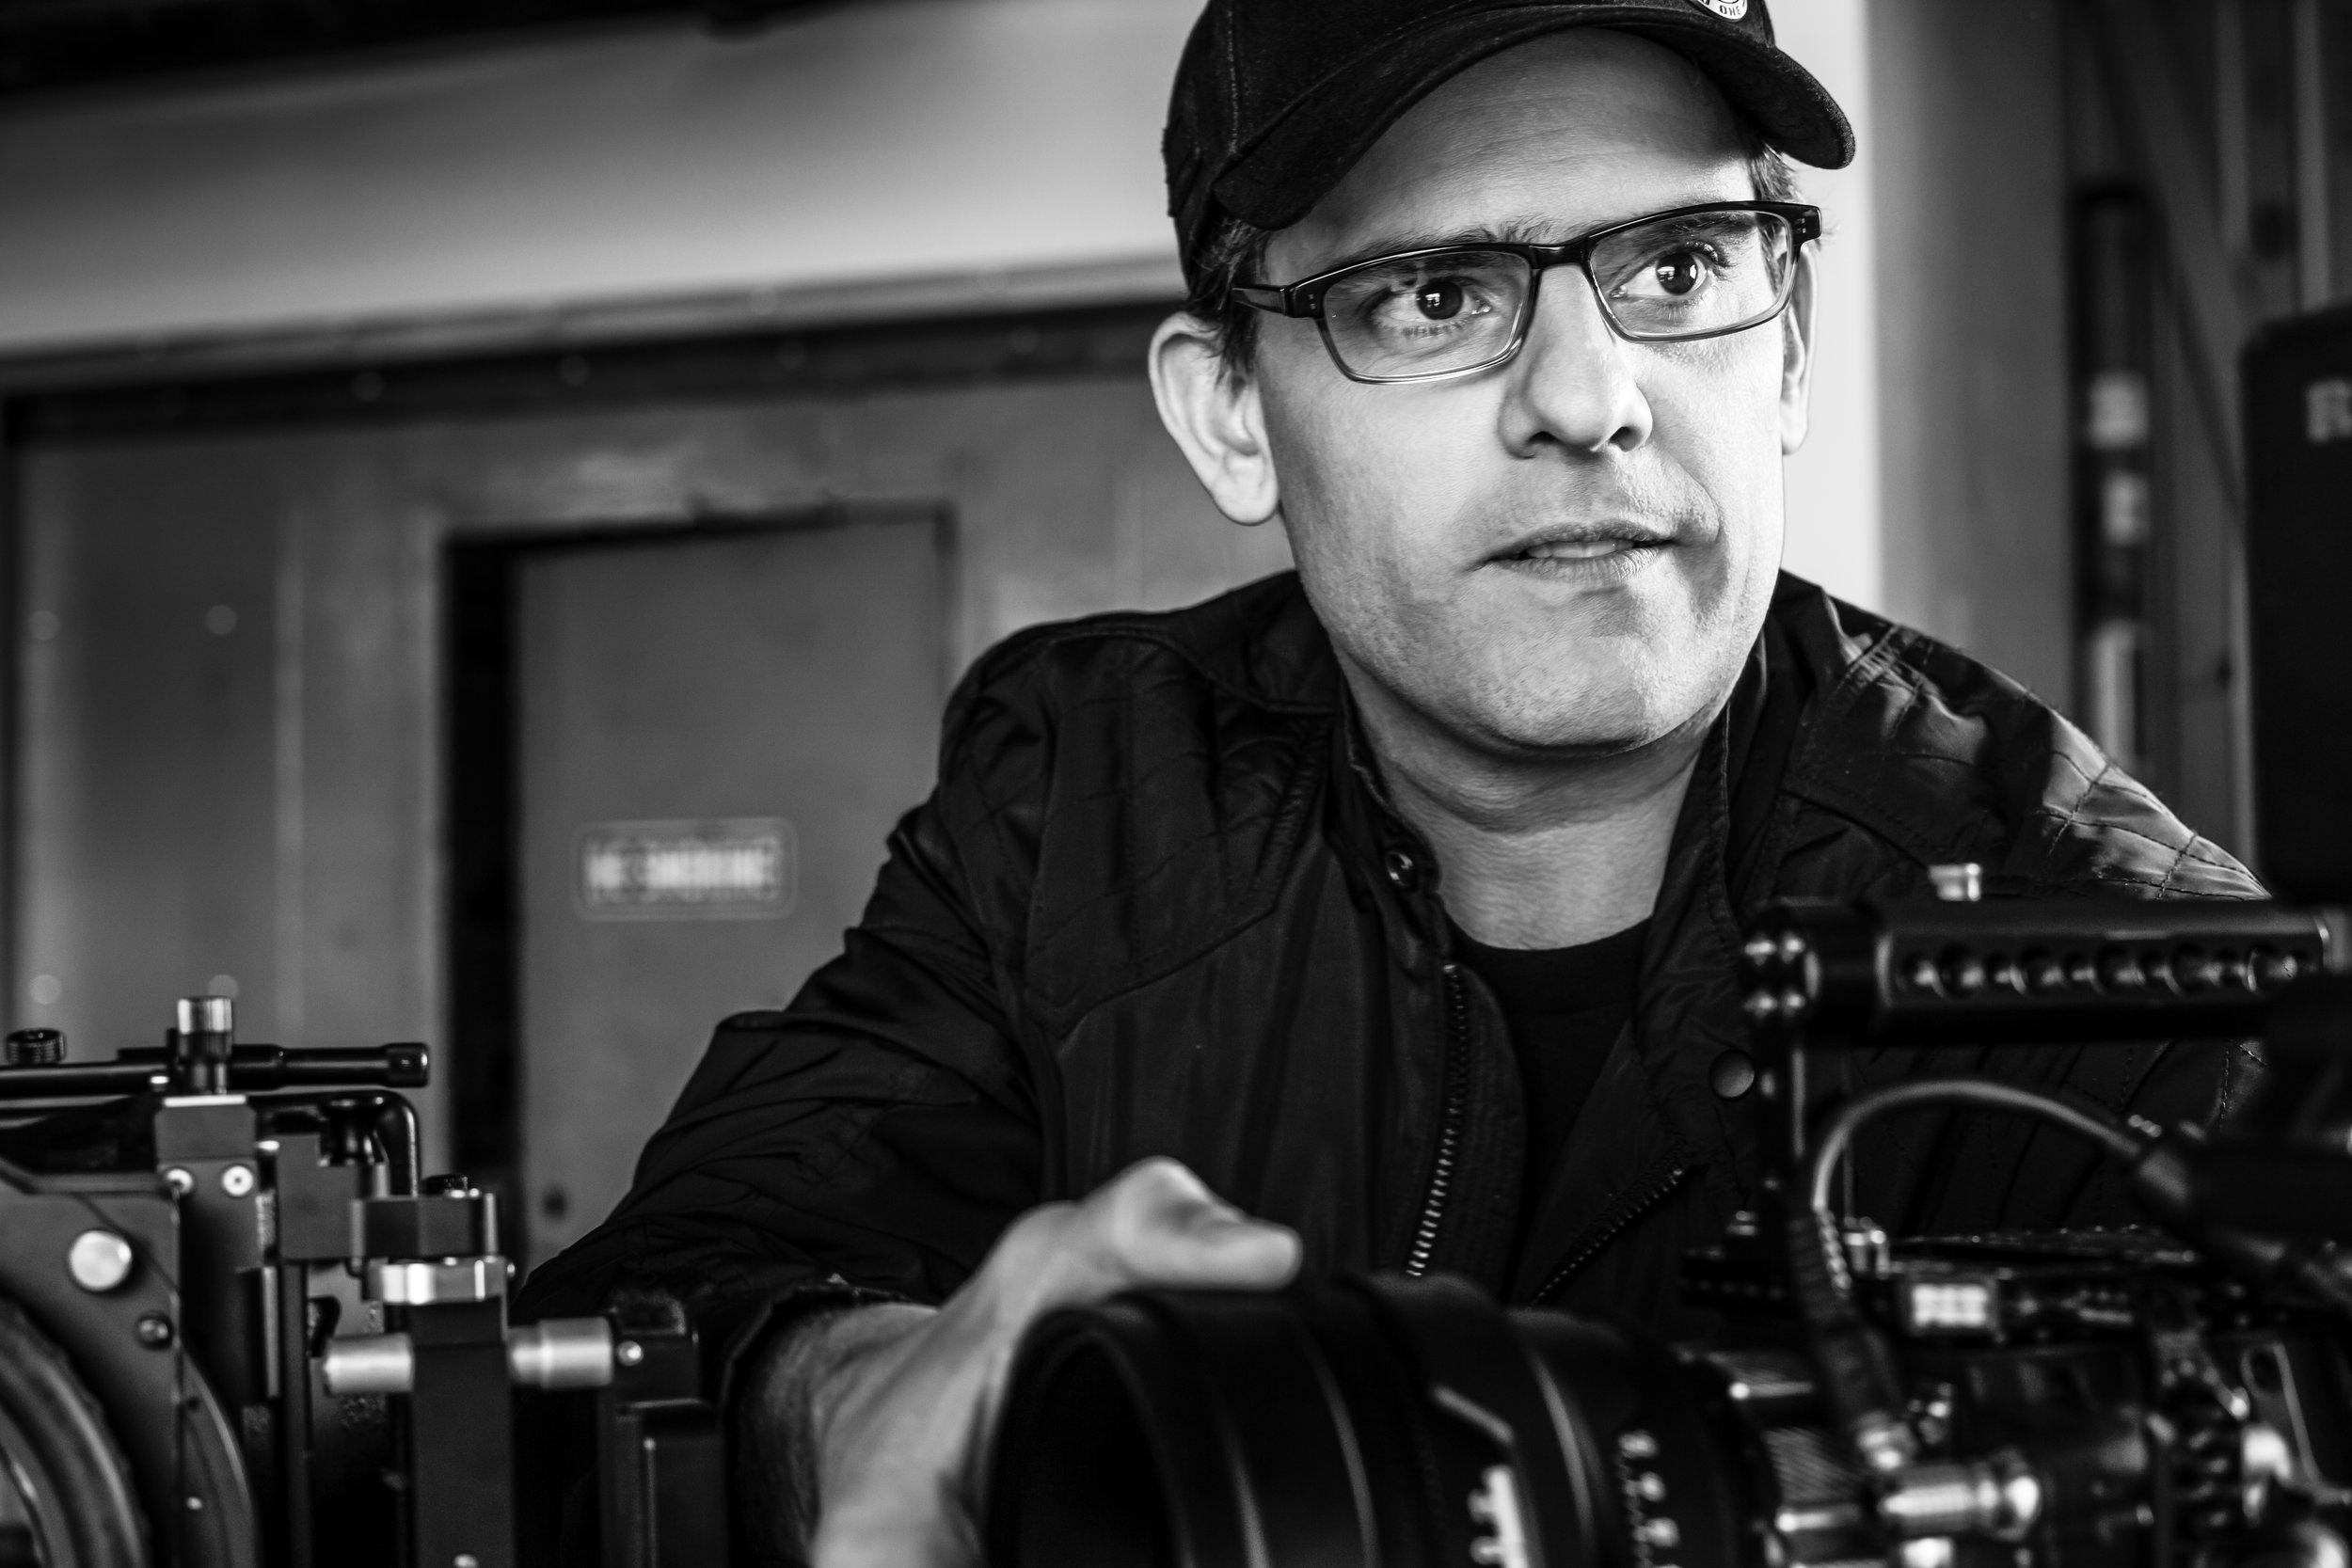 BEN DRICKEY - DIRECTOR & CINEMATOGRAPHER